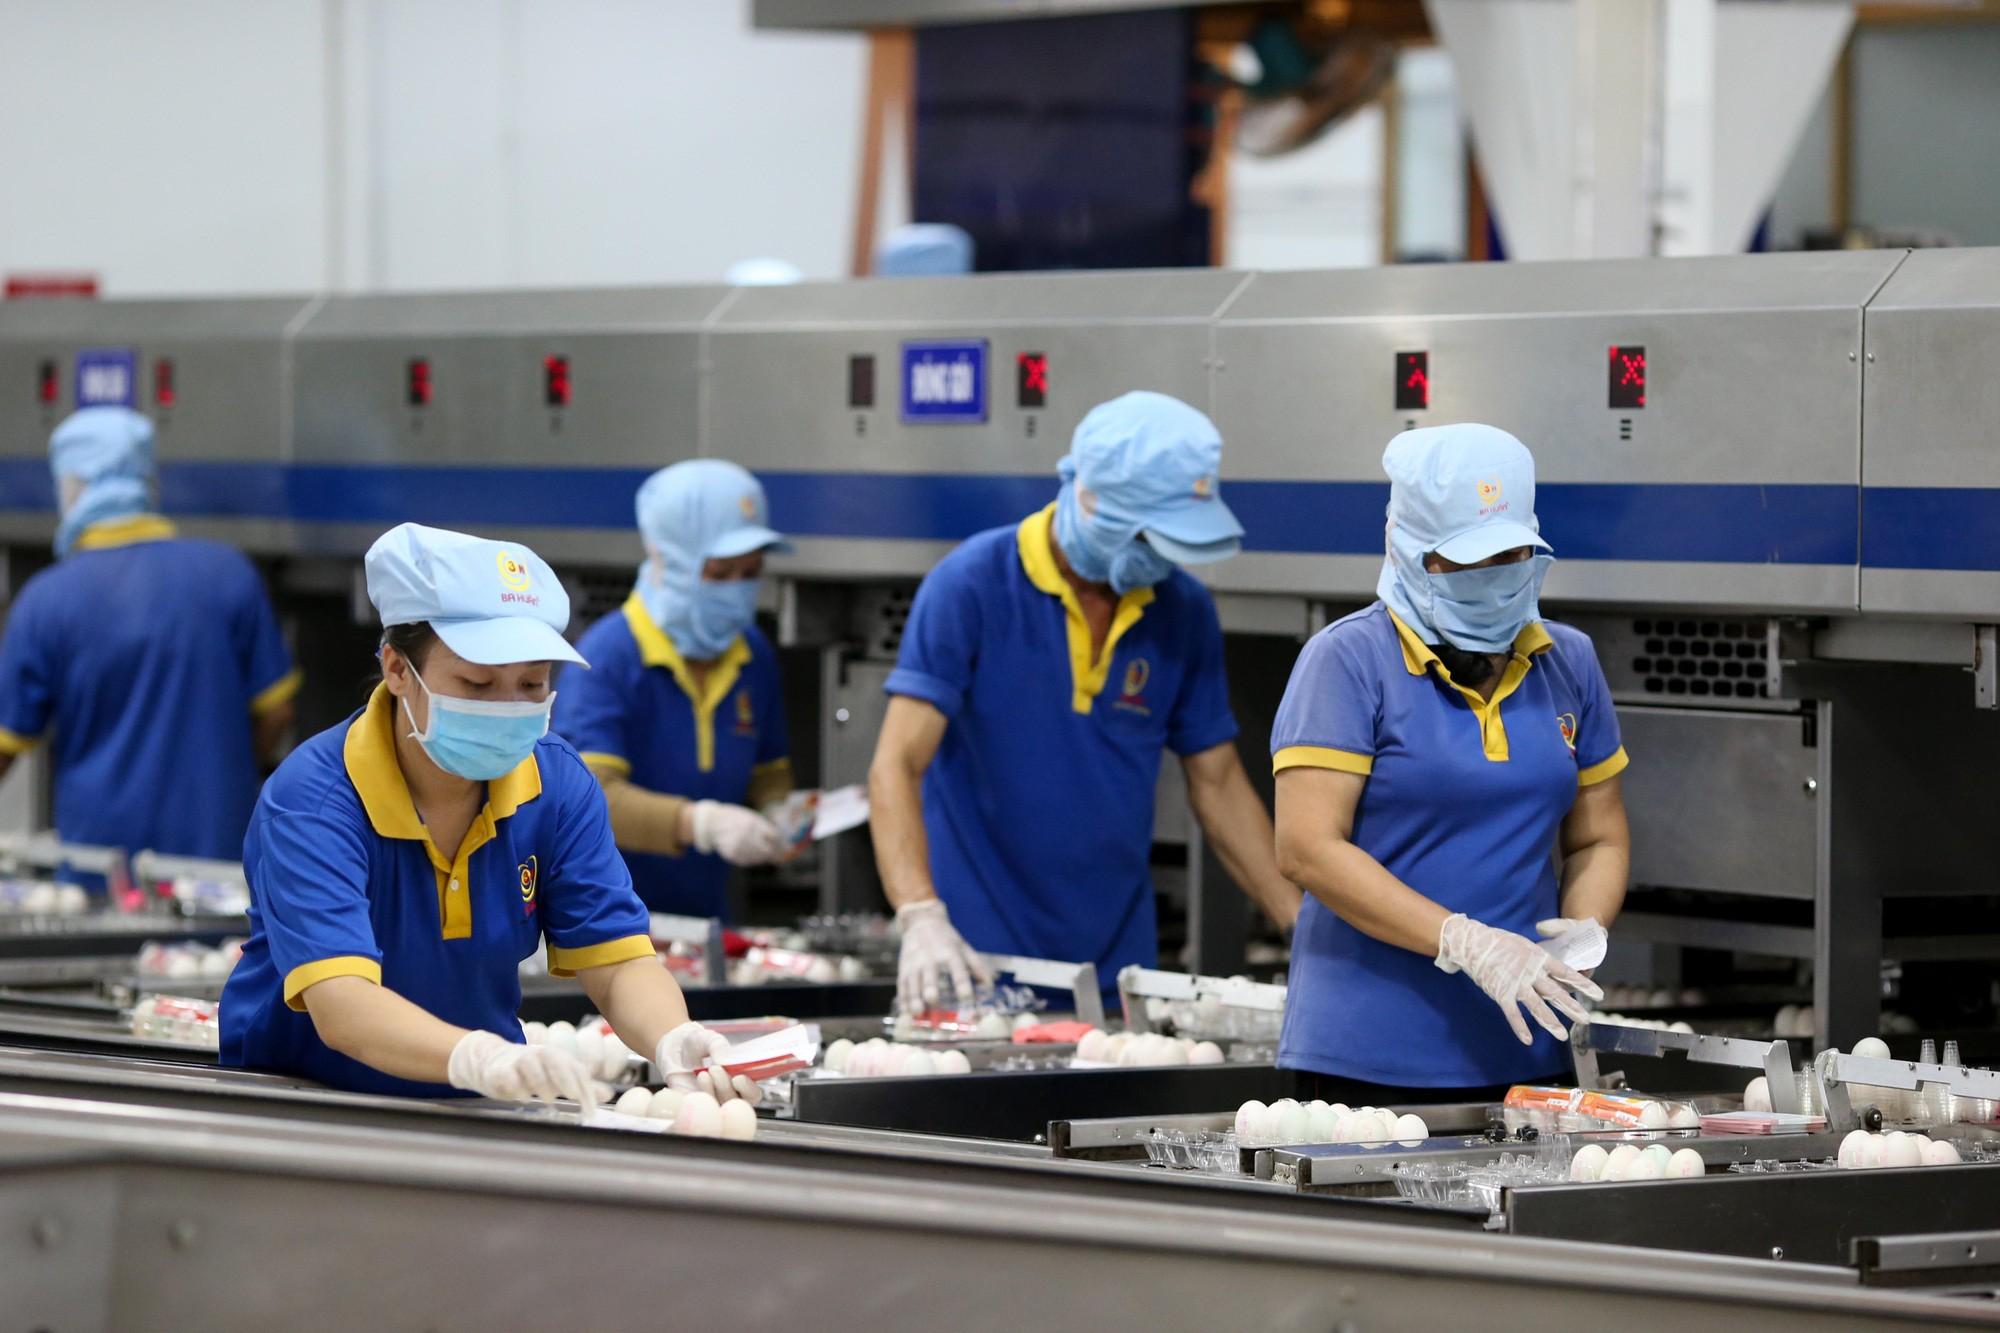 Dịch Covid-19 diễn biến phức tạp, kịch bản nào cho thị trường lao động TP.HCM nửa cuối năm?